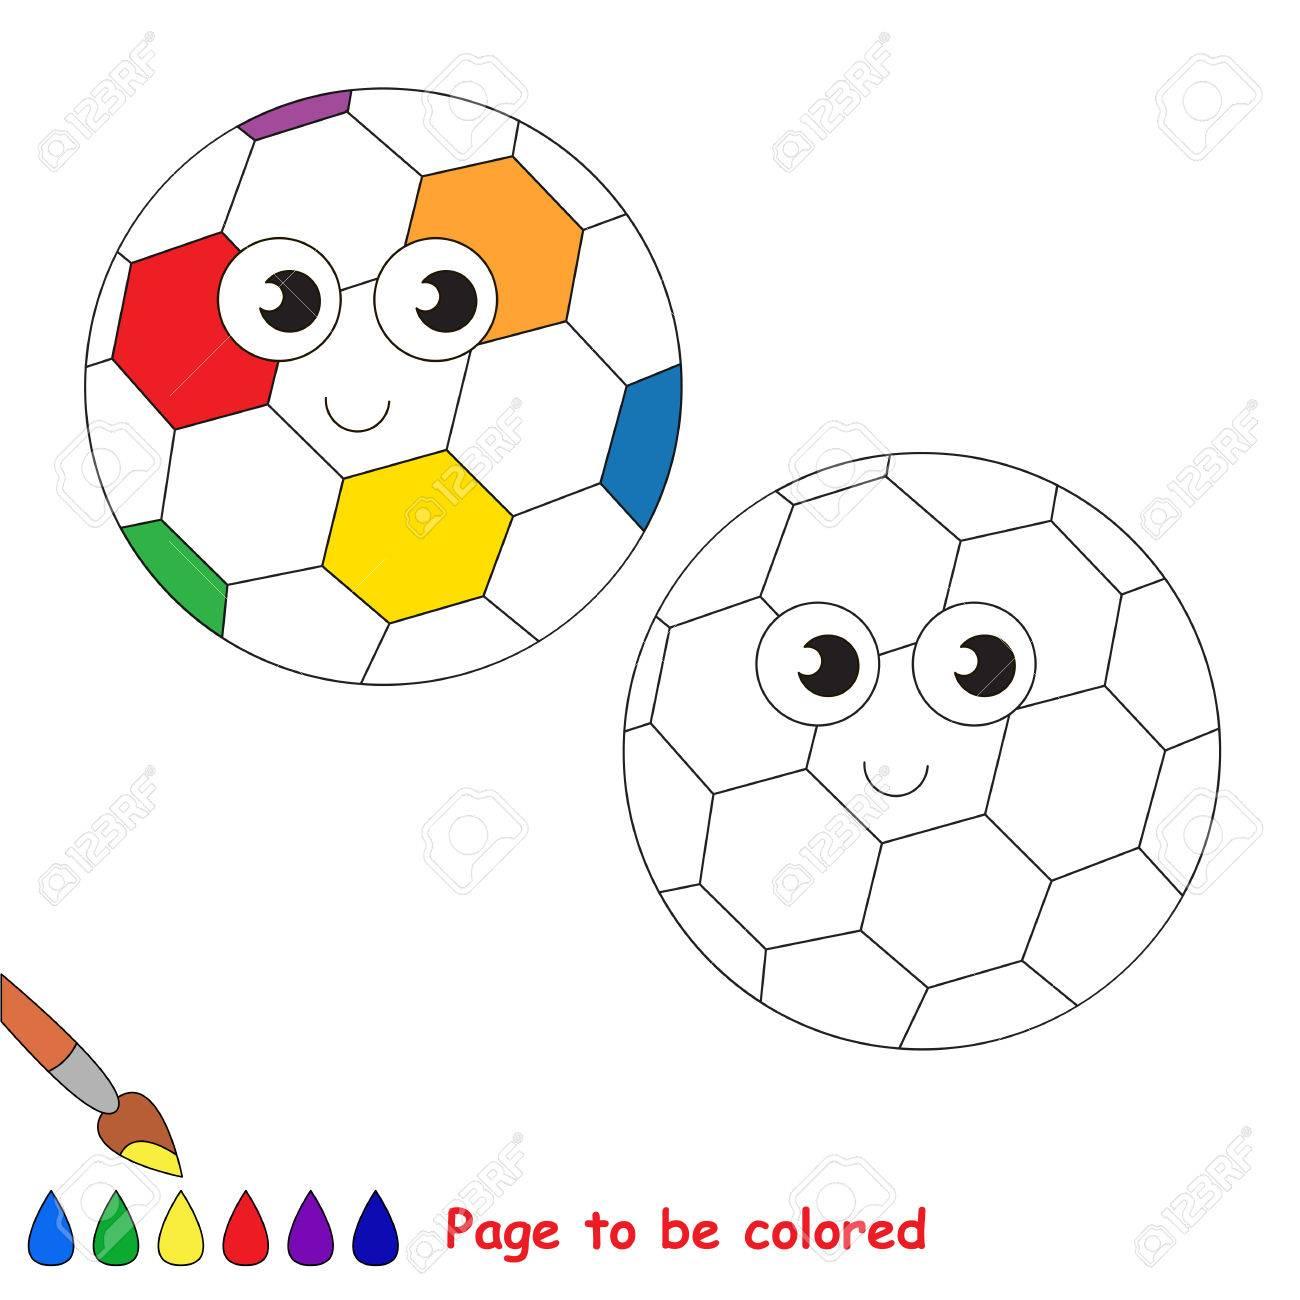 Balón De Fútbol Del Arco Iris Para Colorear El Libro Para Colorear Para Educar A Los Niños En Edad Preescolar Con Juegos Educativos Fáciles Para